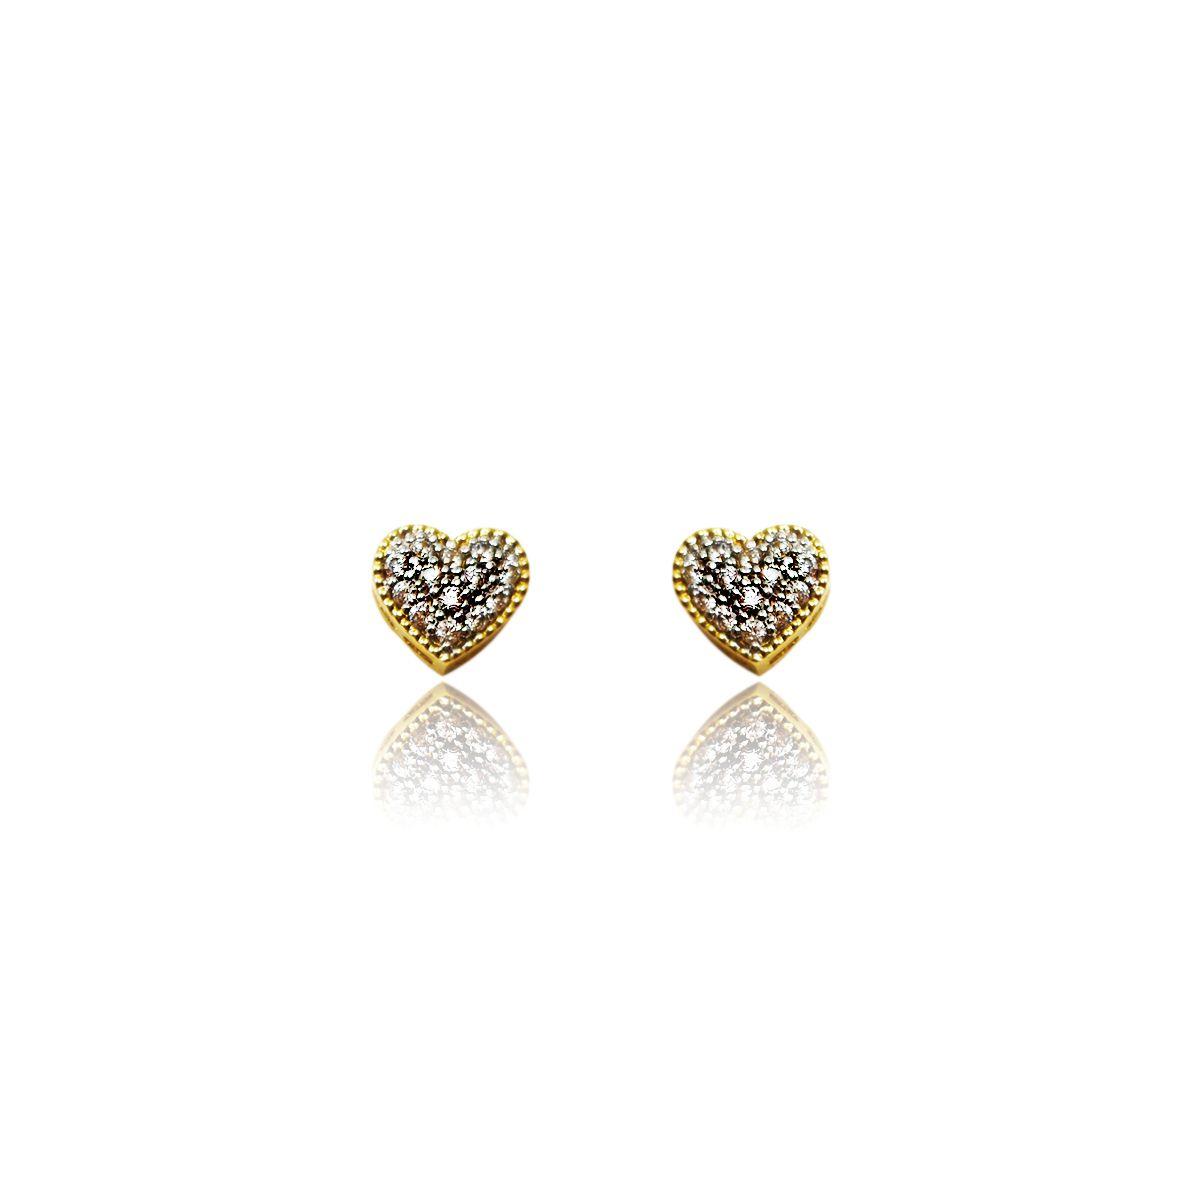 Brincos Ouro Coração com Zircônias L 9.5